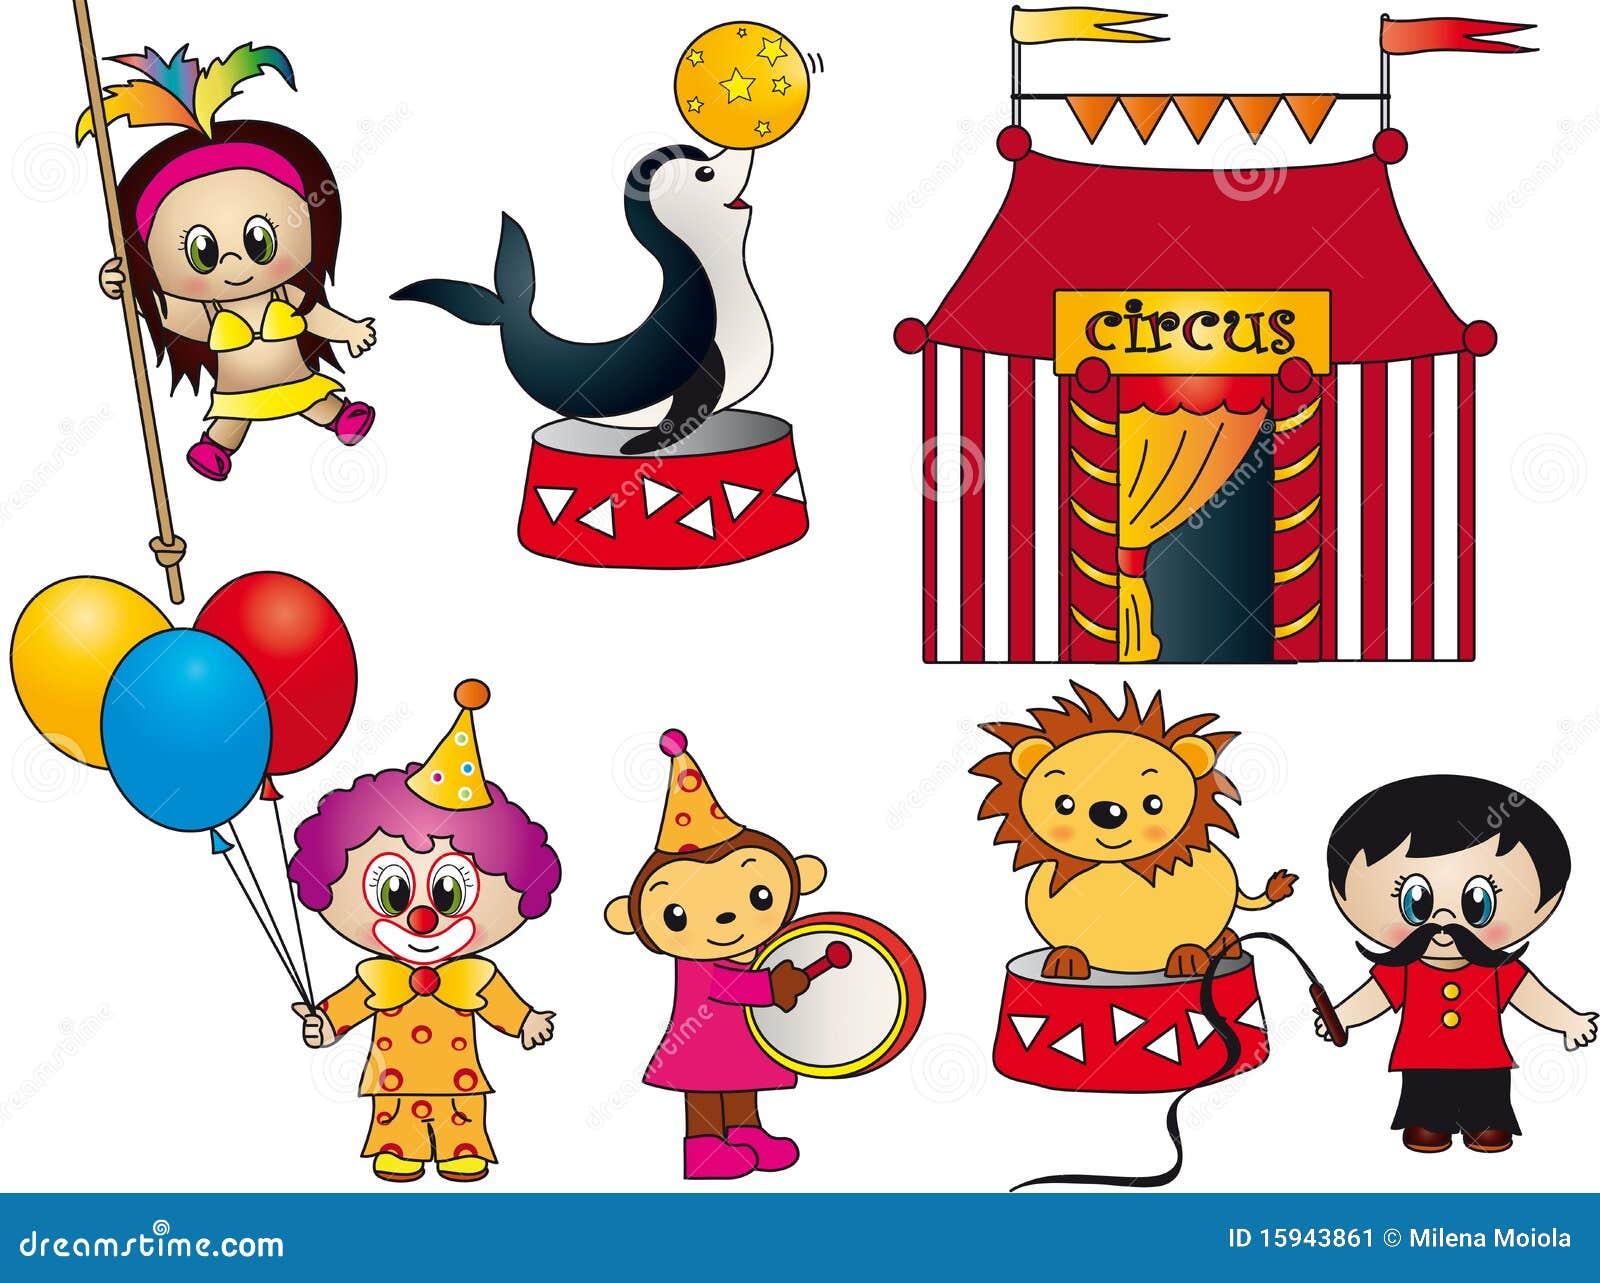 elementos del circo stock de ilustraci243n ilustraci243n de